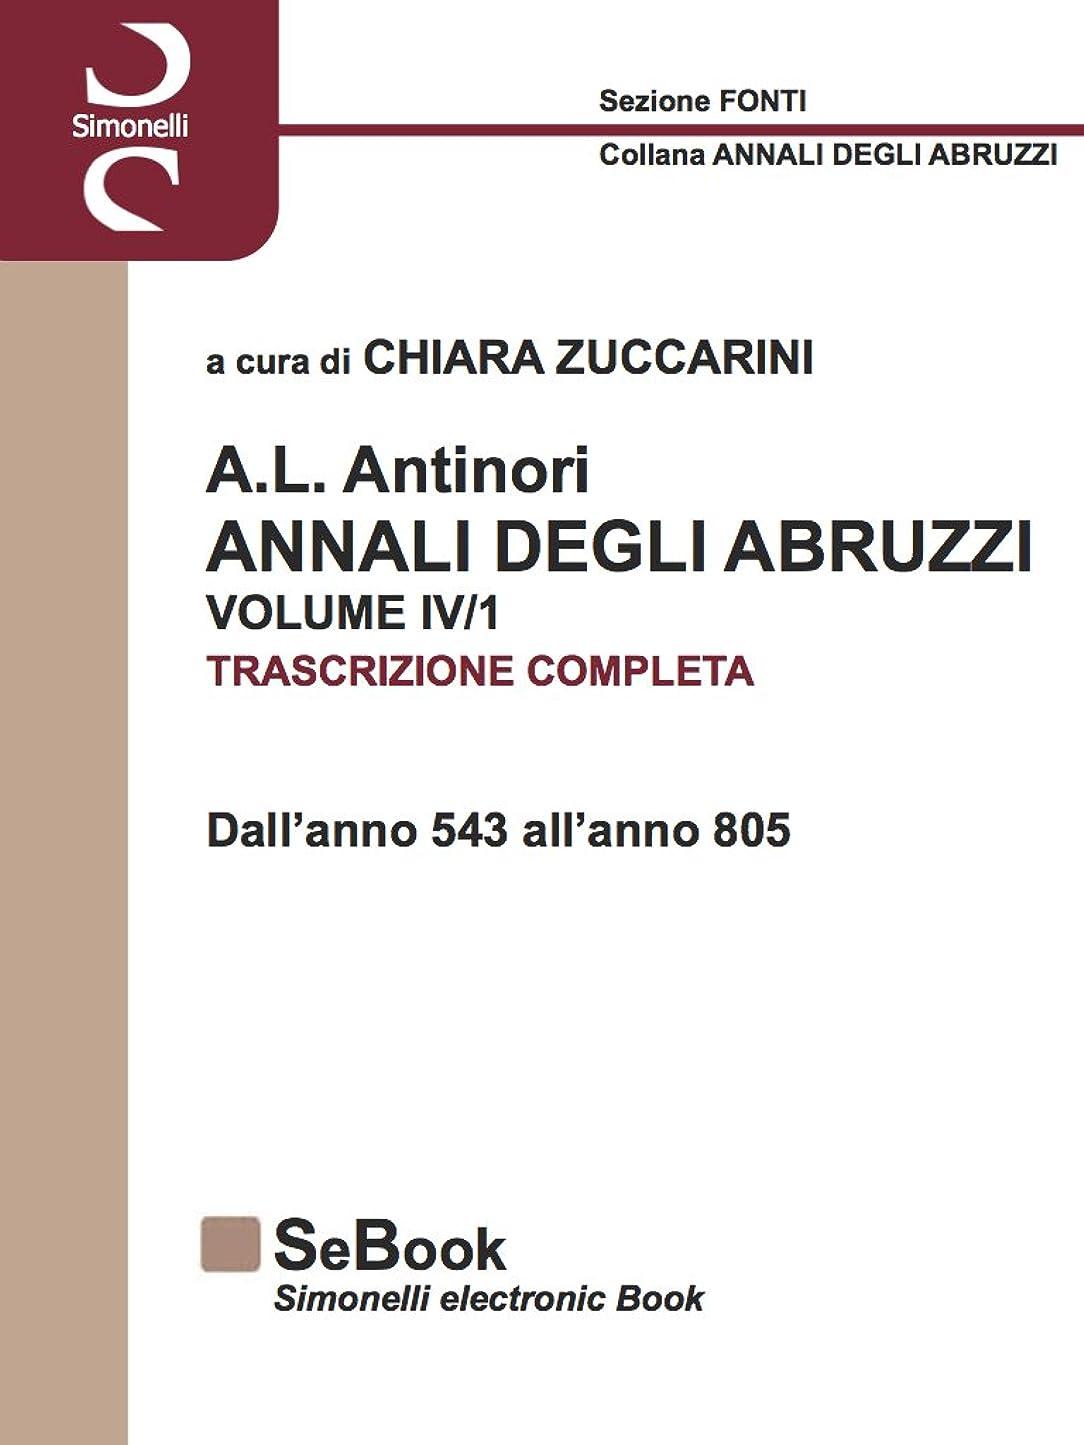 効能あるチェスルームA.L. ANTINORI – ANNALI DEGLI ABRUZZI – VOLUME IV (Parte 1) - Dall'anno 543 all'anno 805 (Italian Edition)